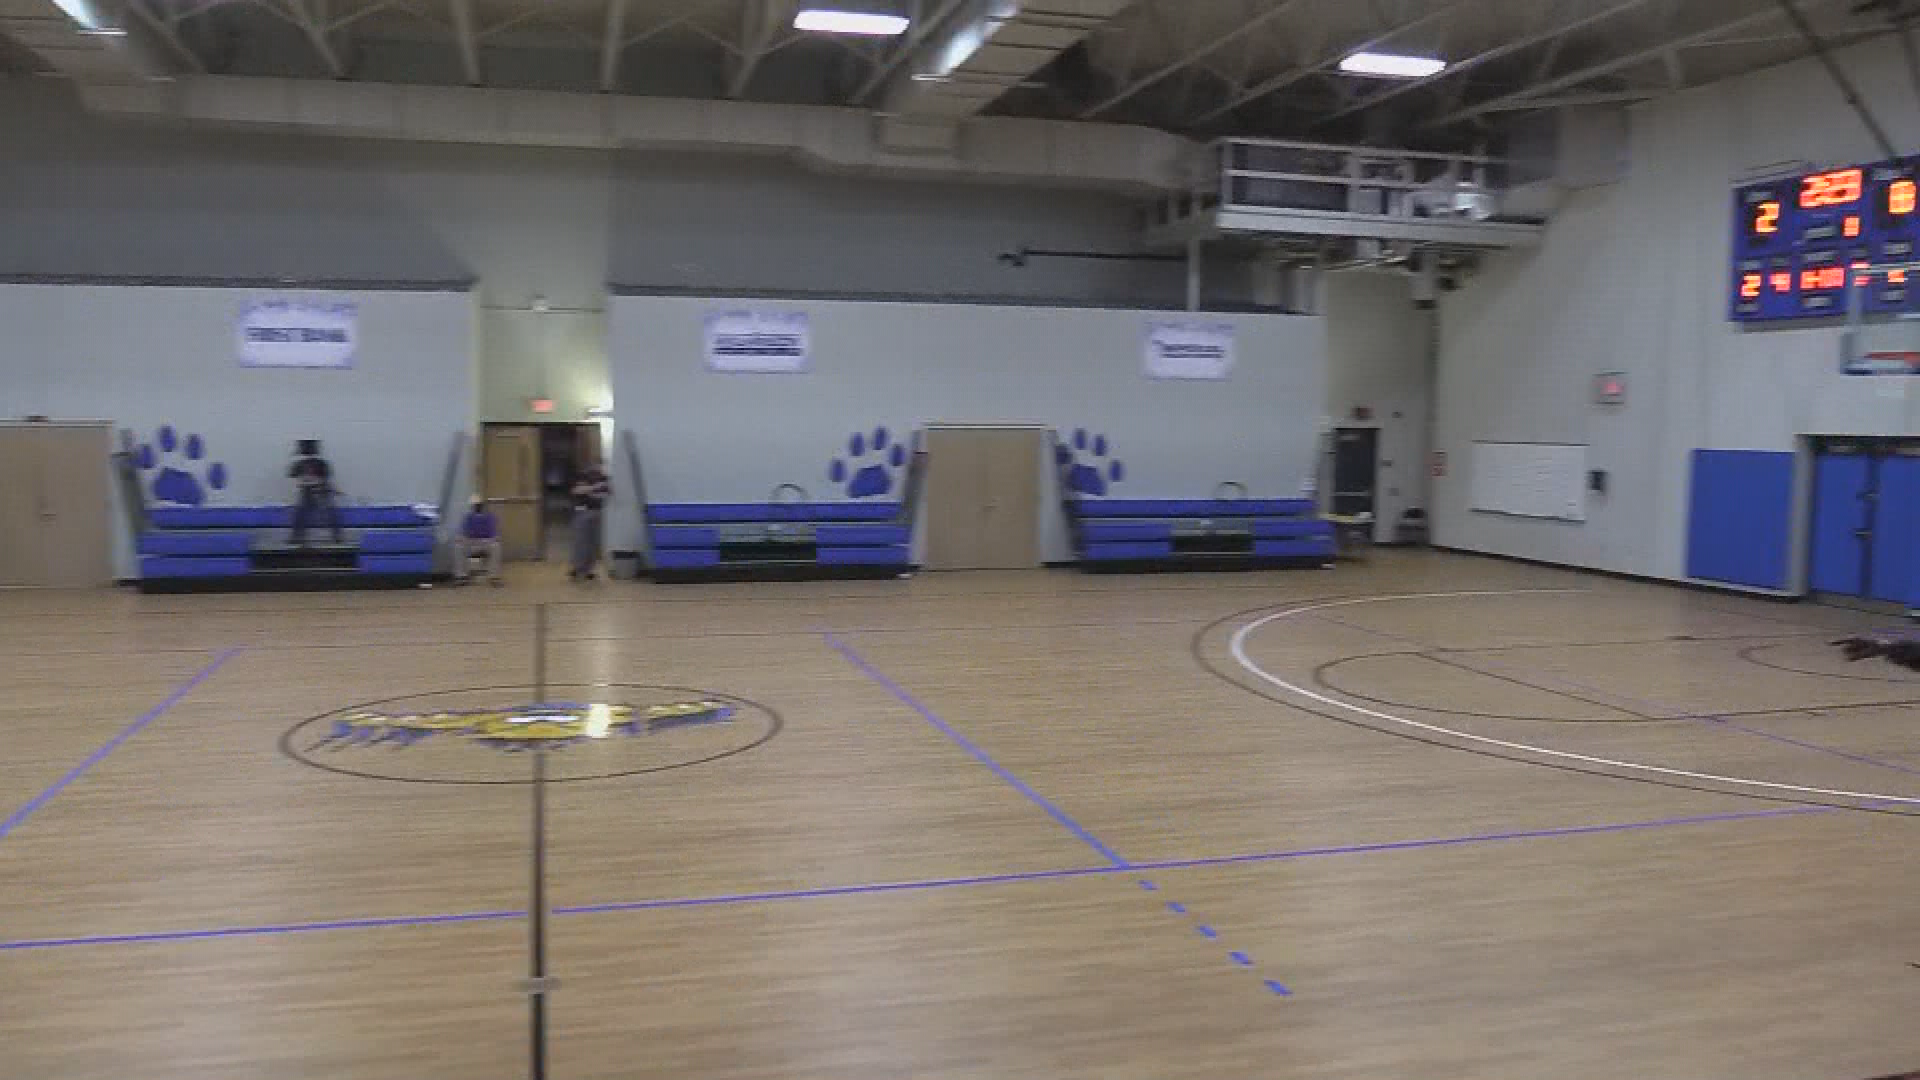 Cougar Women's Basketball v. Carolina Christian 4cnc shows